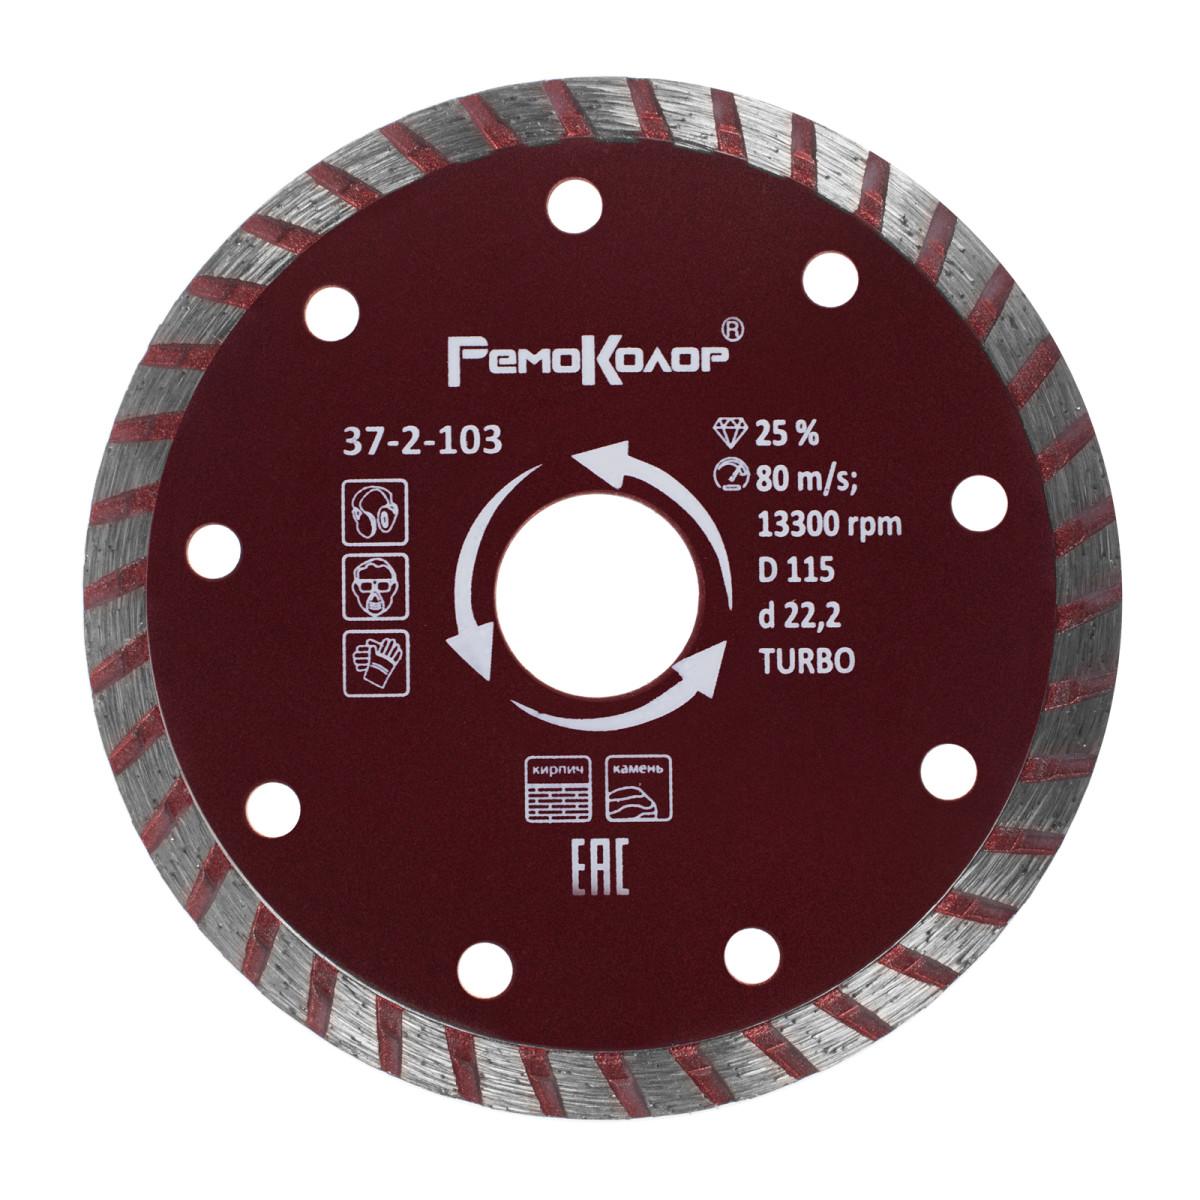 Диск Алмазный Ремоколор 115Х222 37-2-103